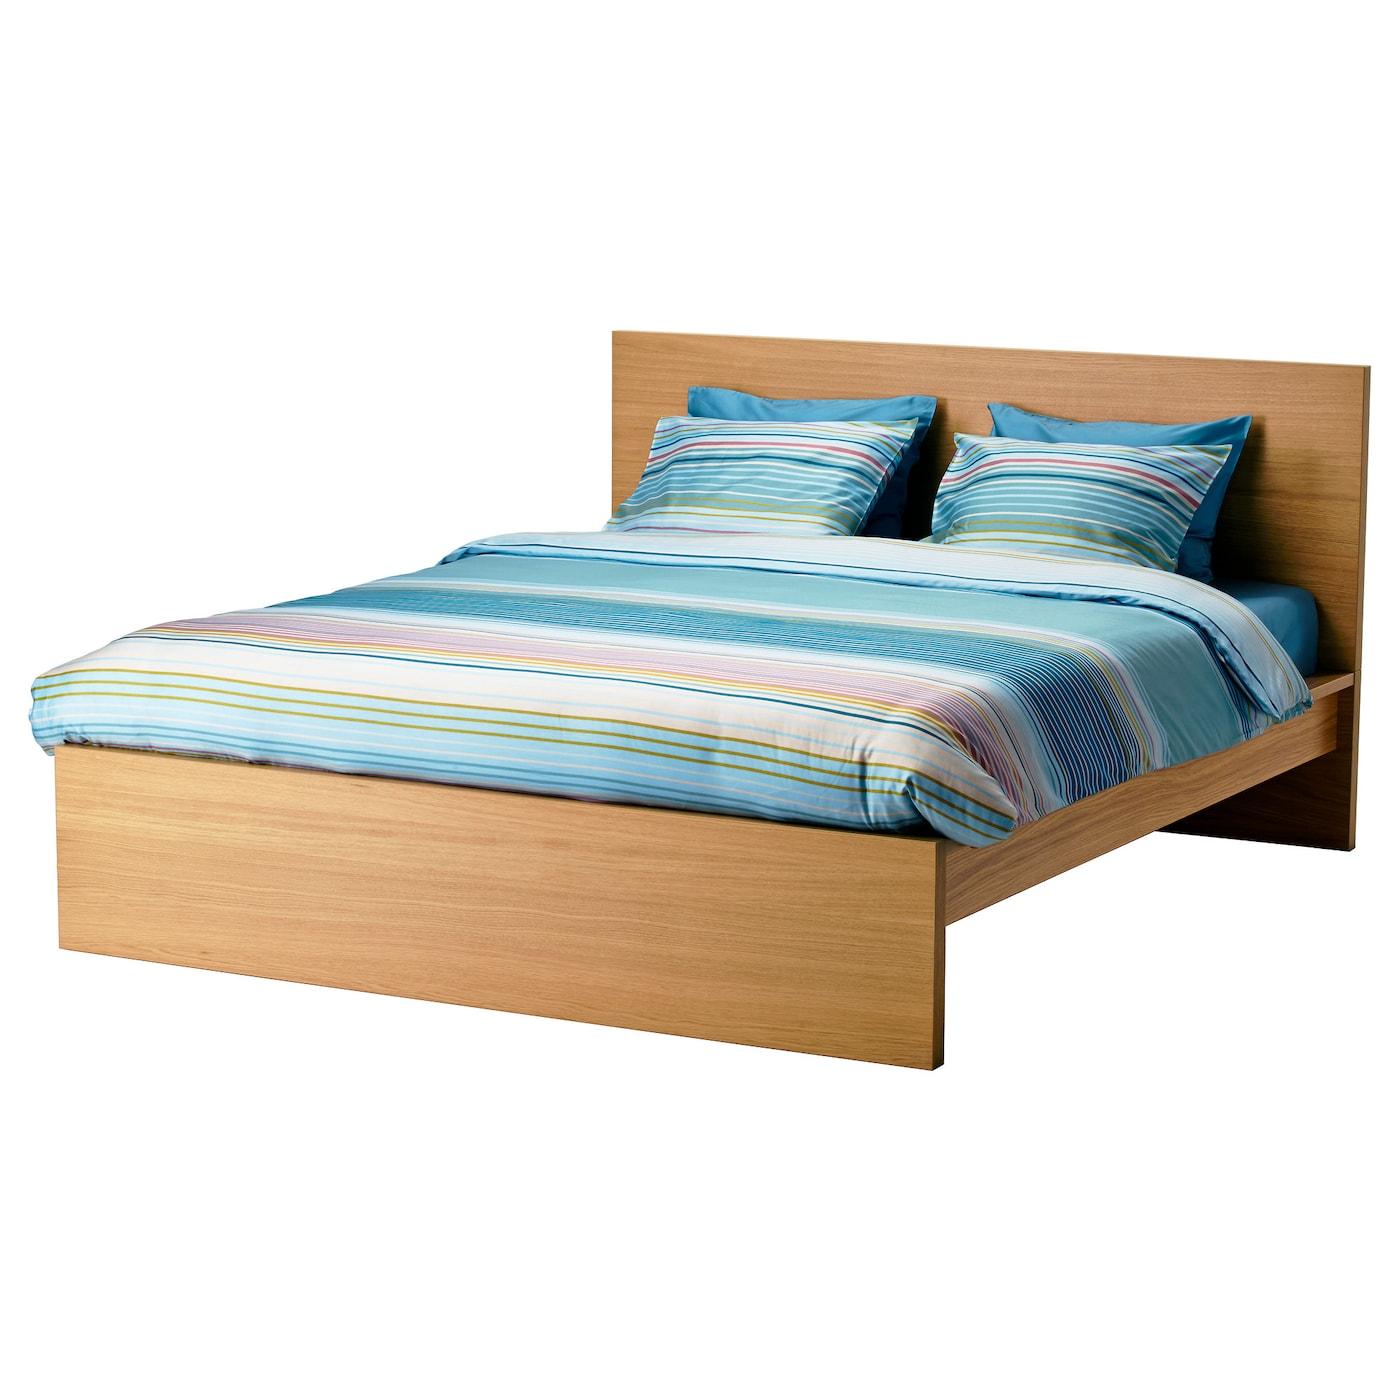 malm bed frame high oak veneer leirsund 180x200 cm ikea. Black Bedroom Furniture Sets. Home Design Ideas